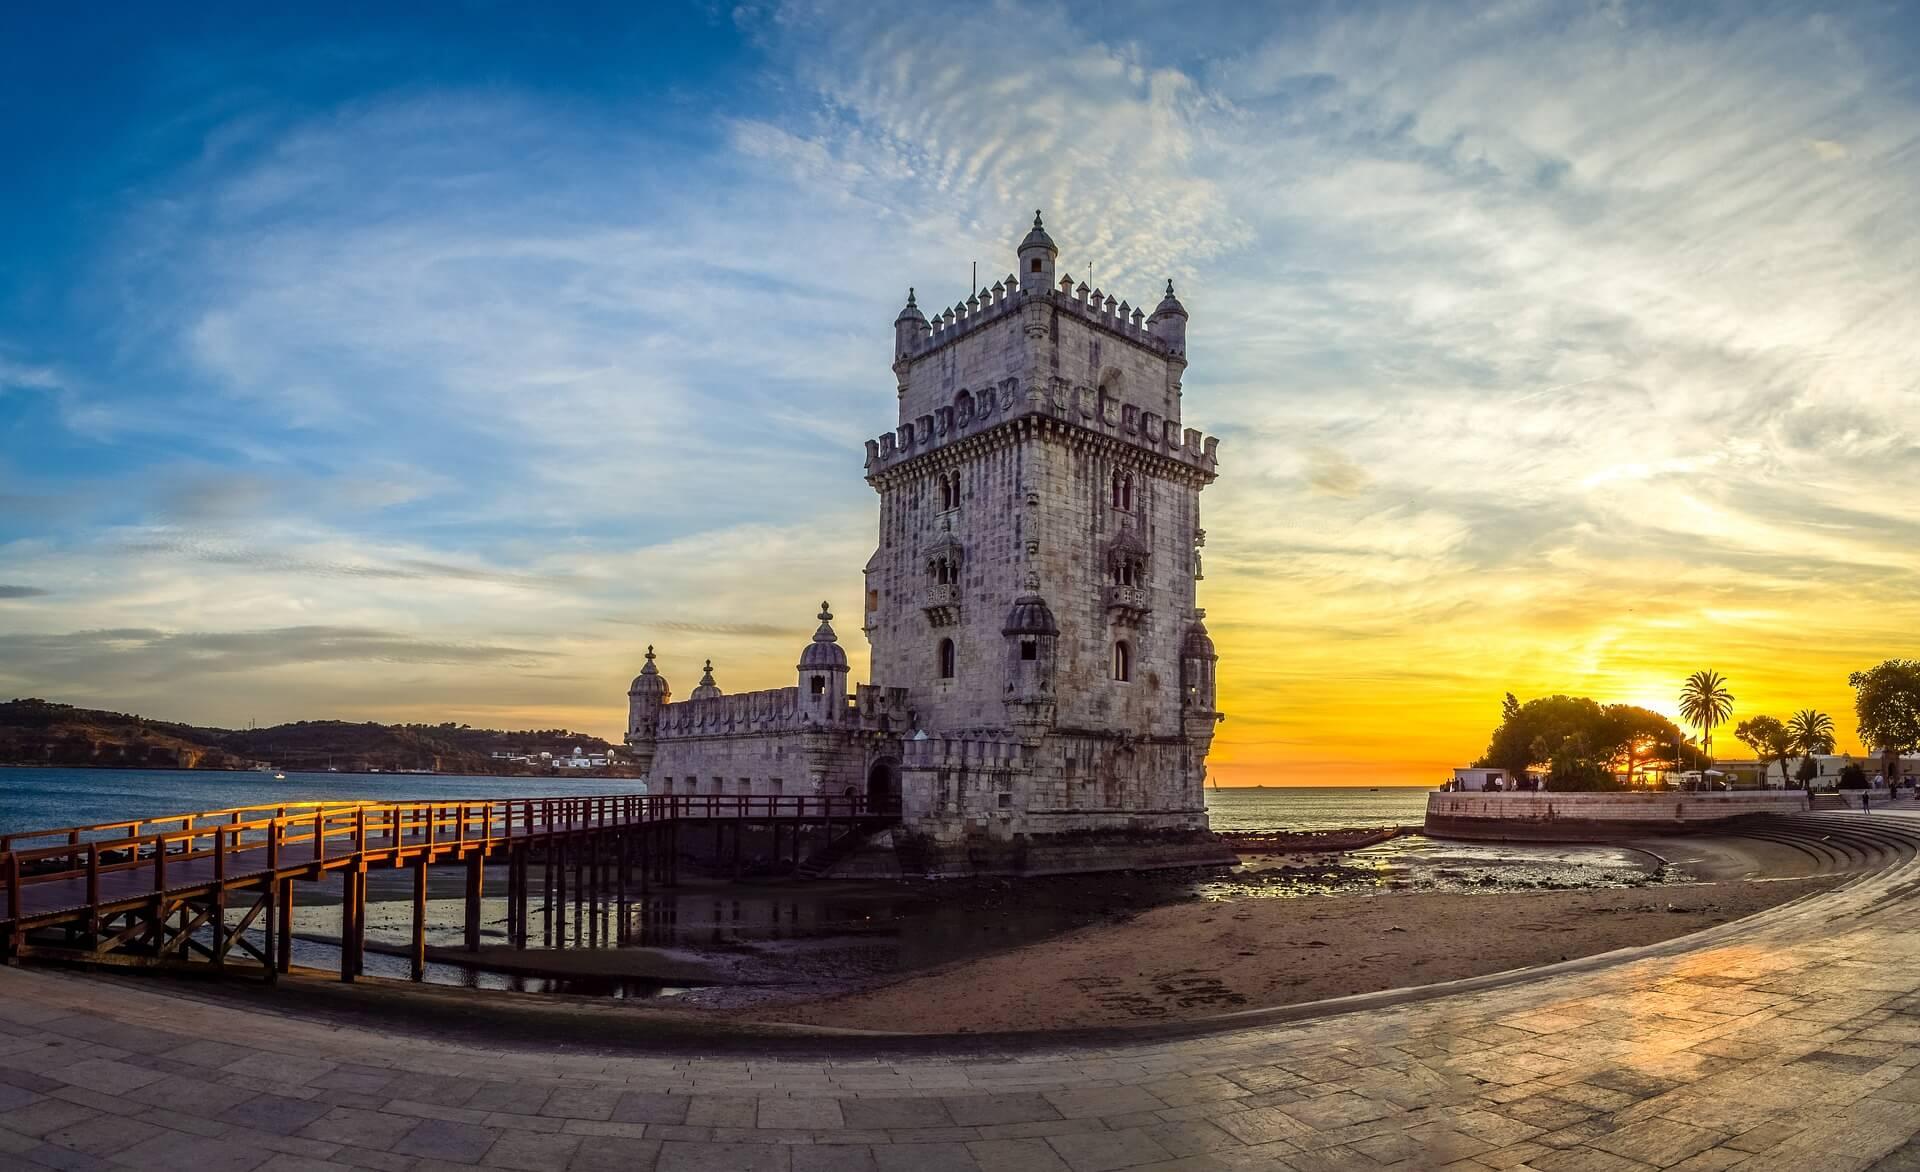 Wieża Belém